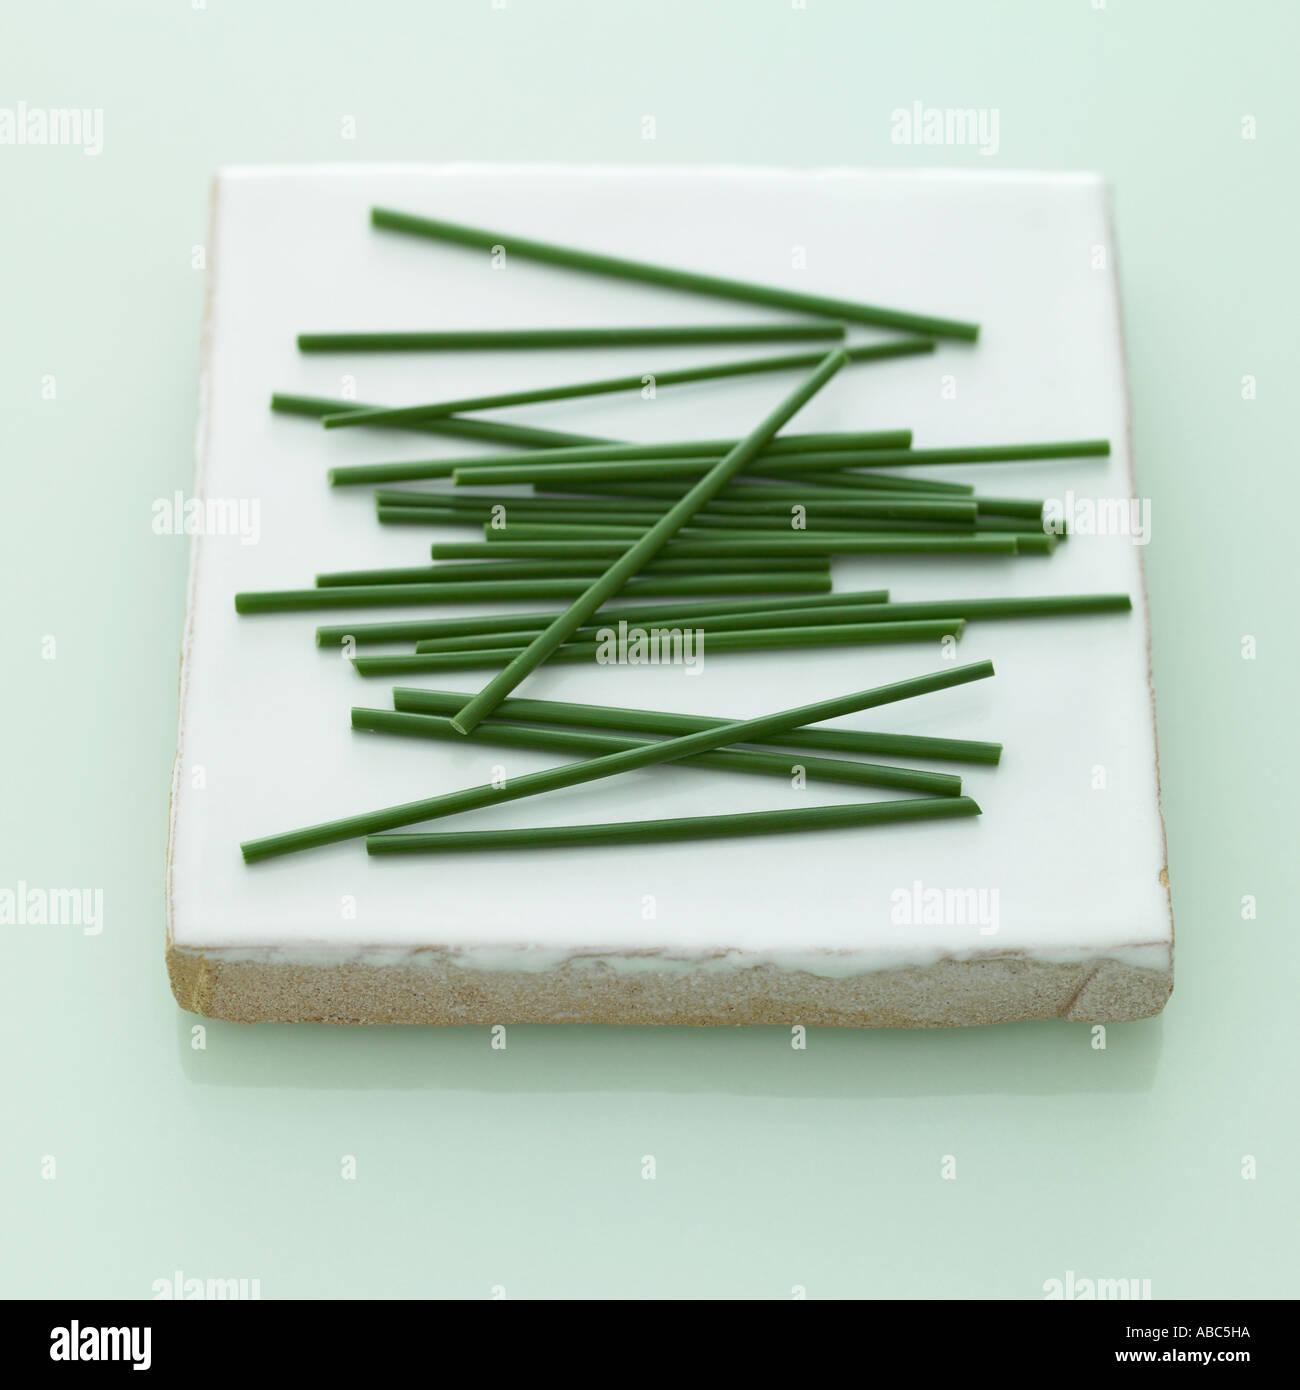 Cebollino - uno de una serie de imágenes de hierbas similares Imagen De Stock